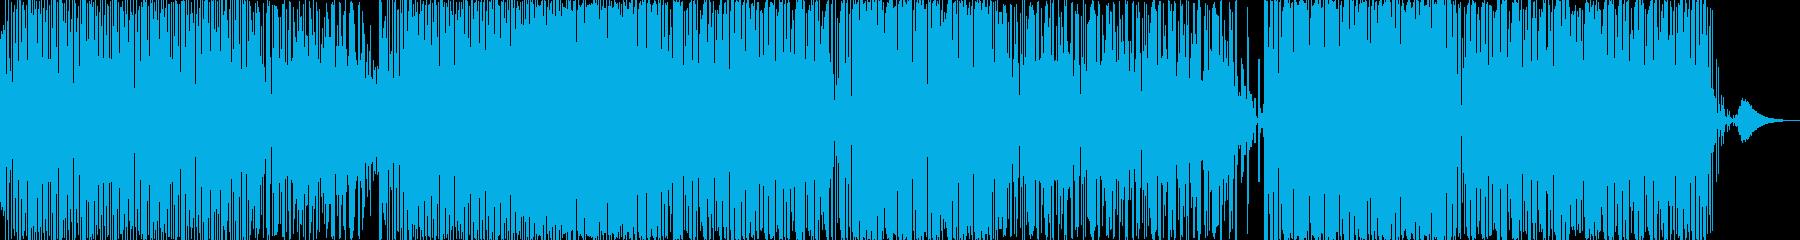 宇宙系優しいエレクトロニカの再生済みの波形